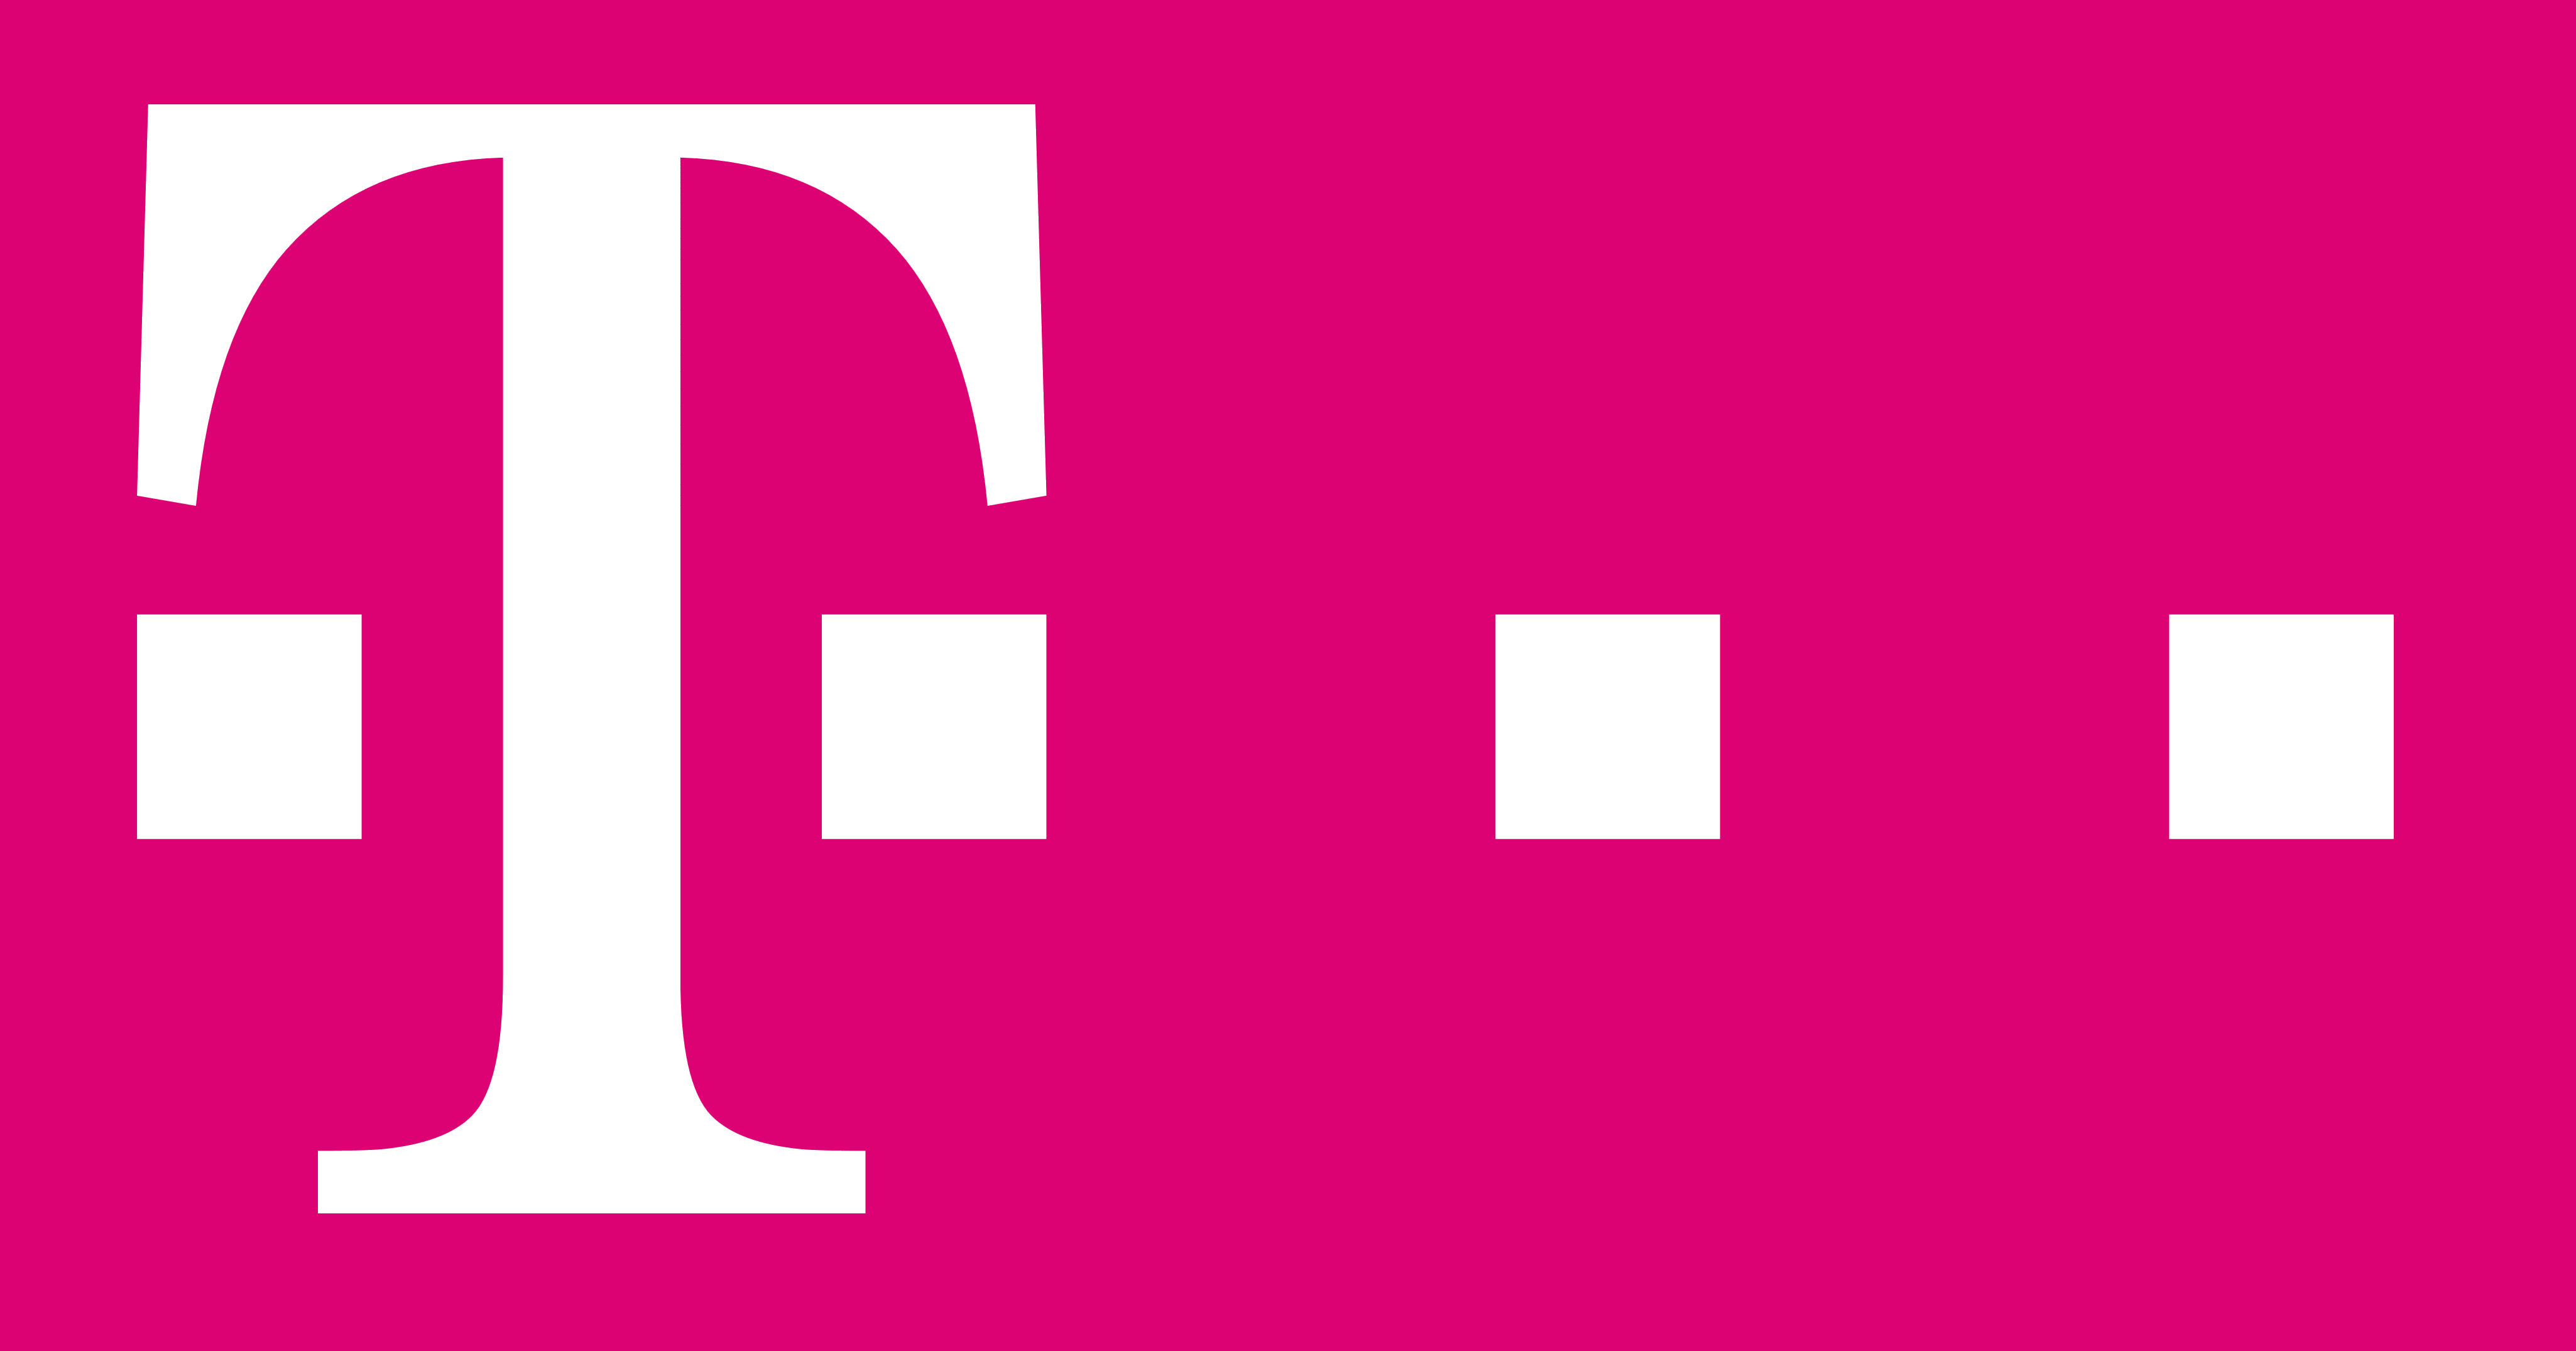 Deutsche_Telekom_logo_pink